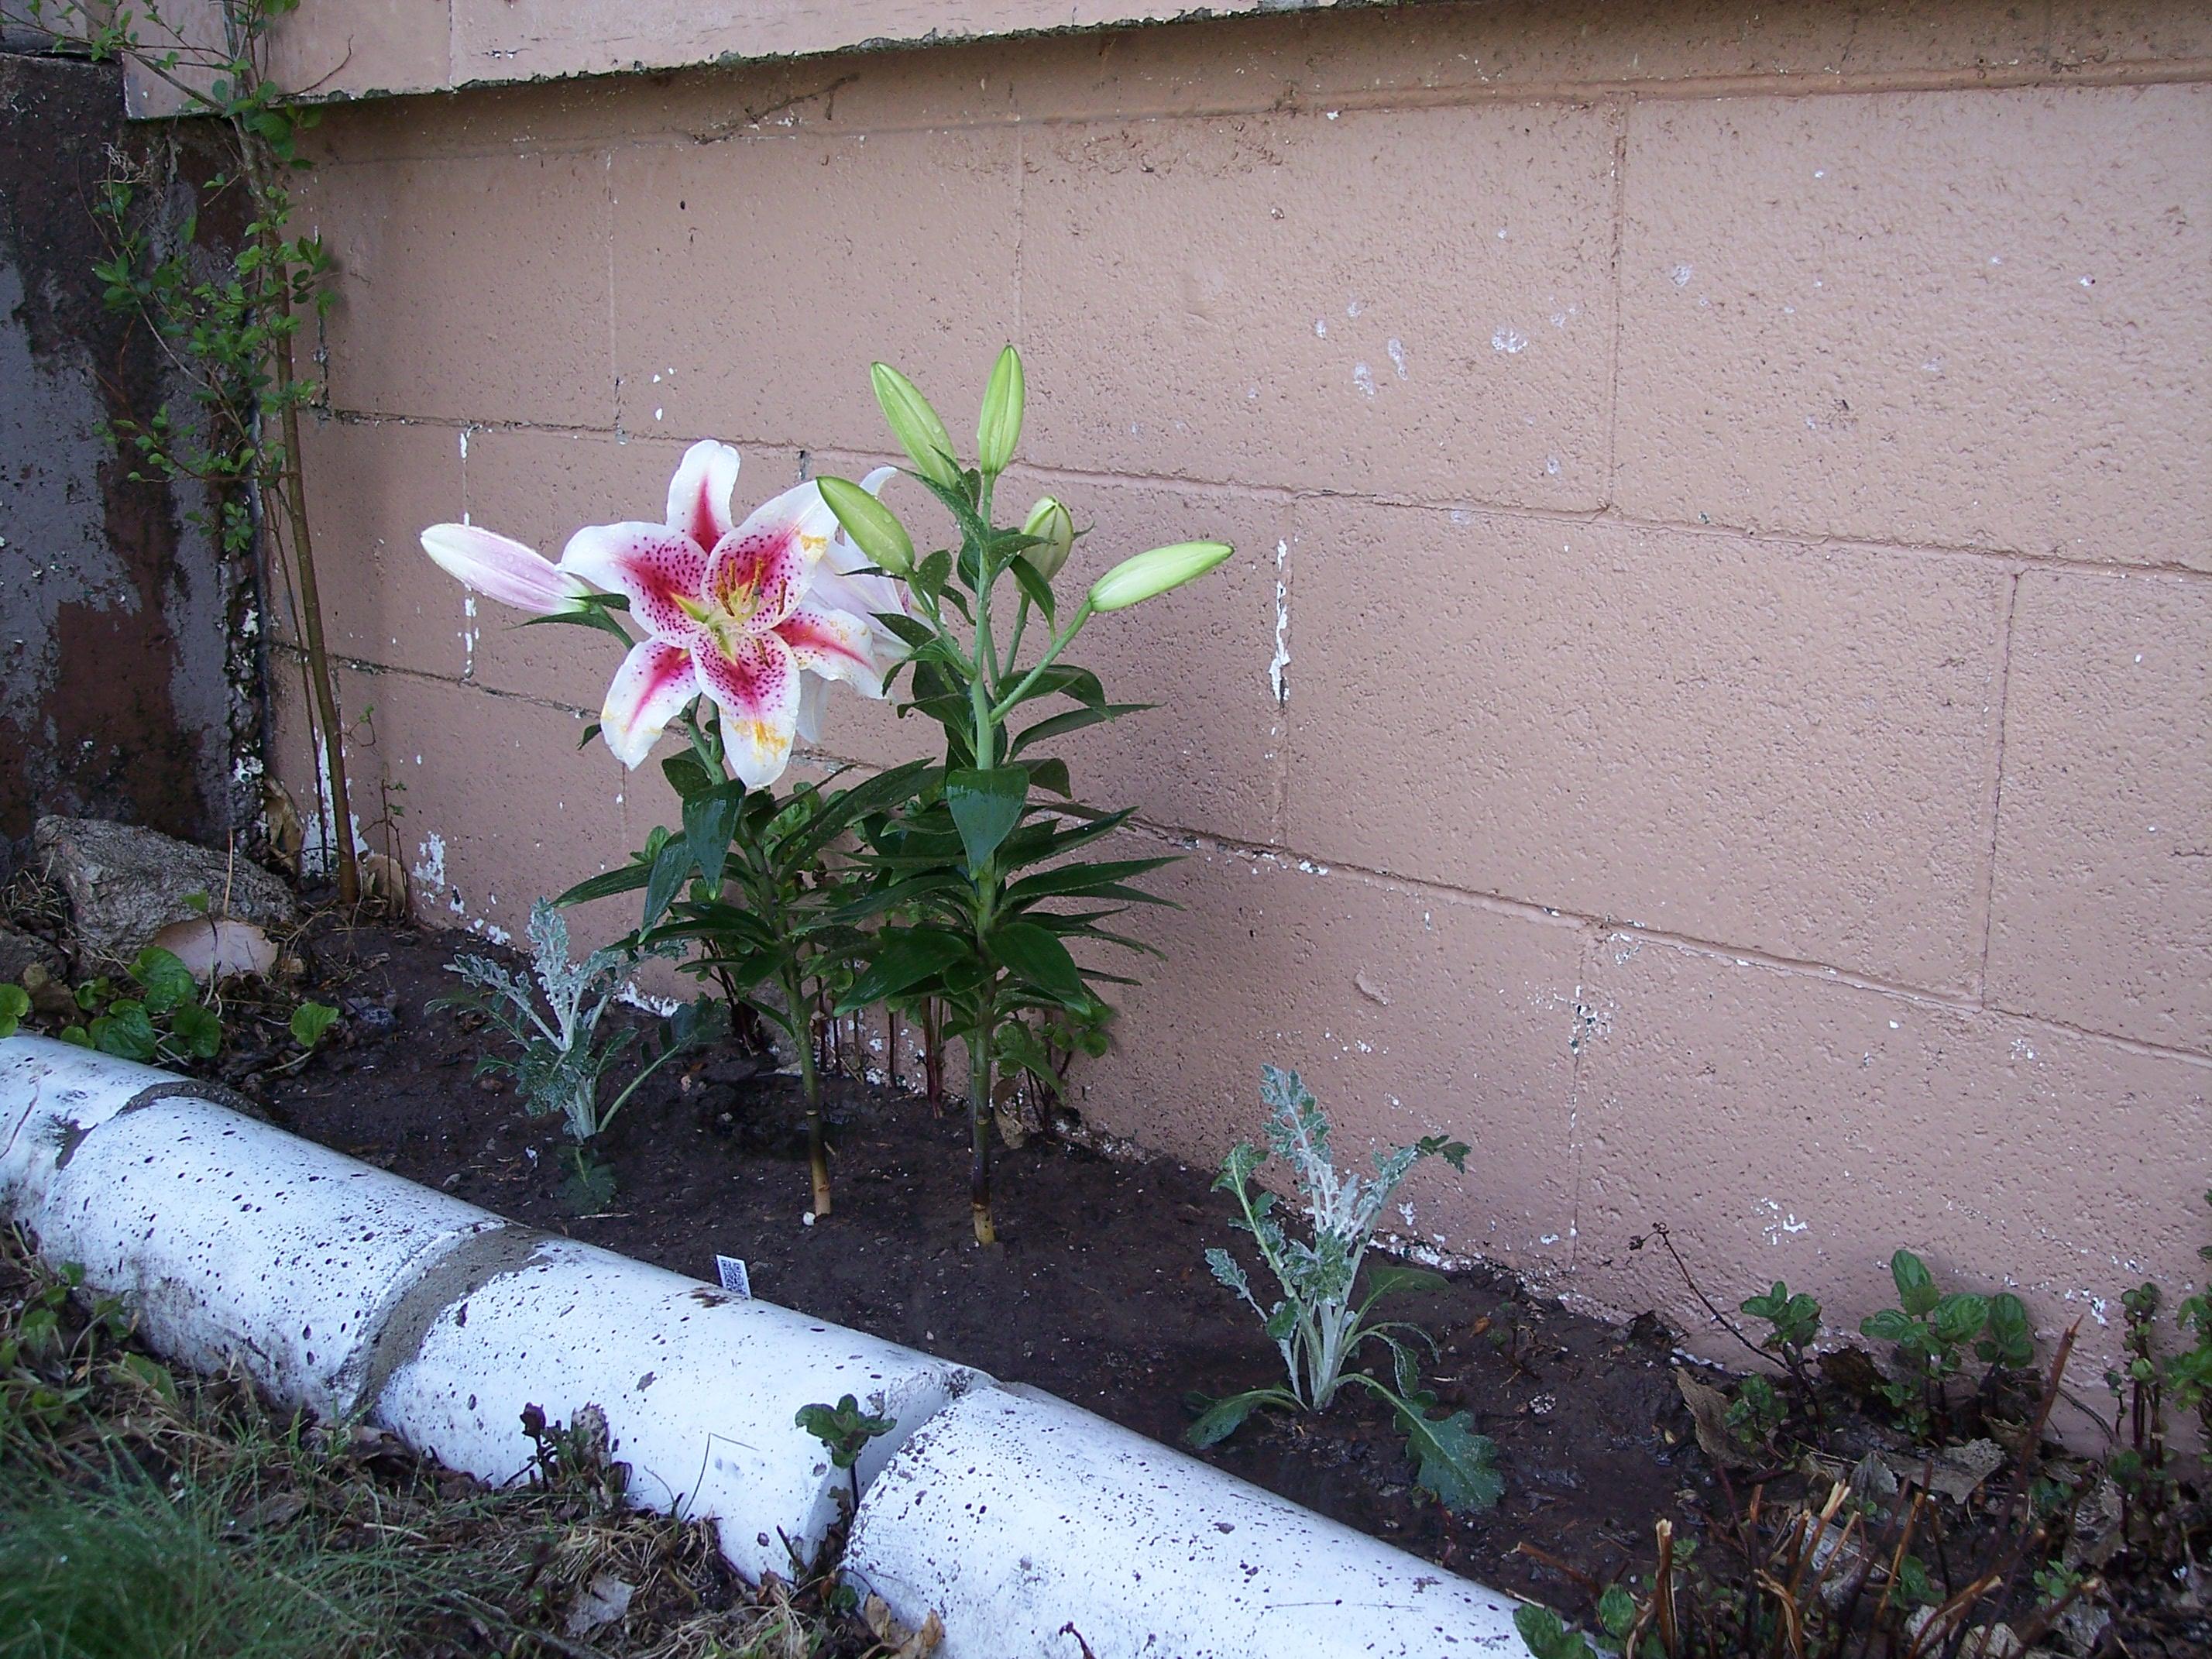 Joni's lily